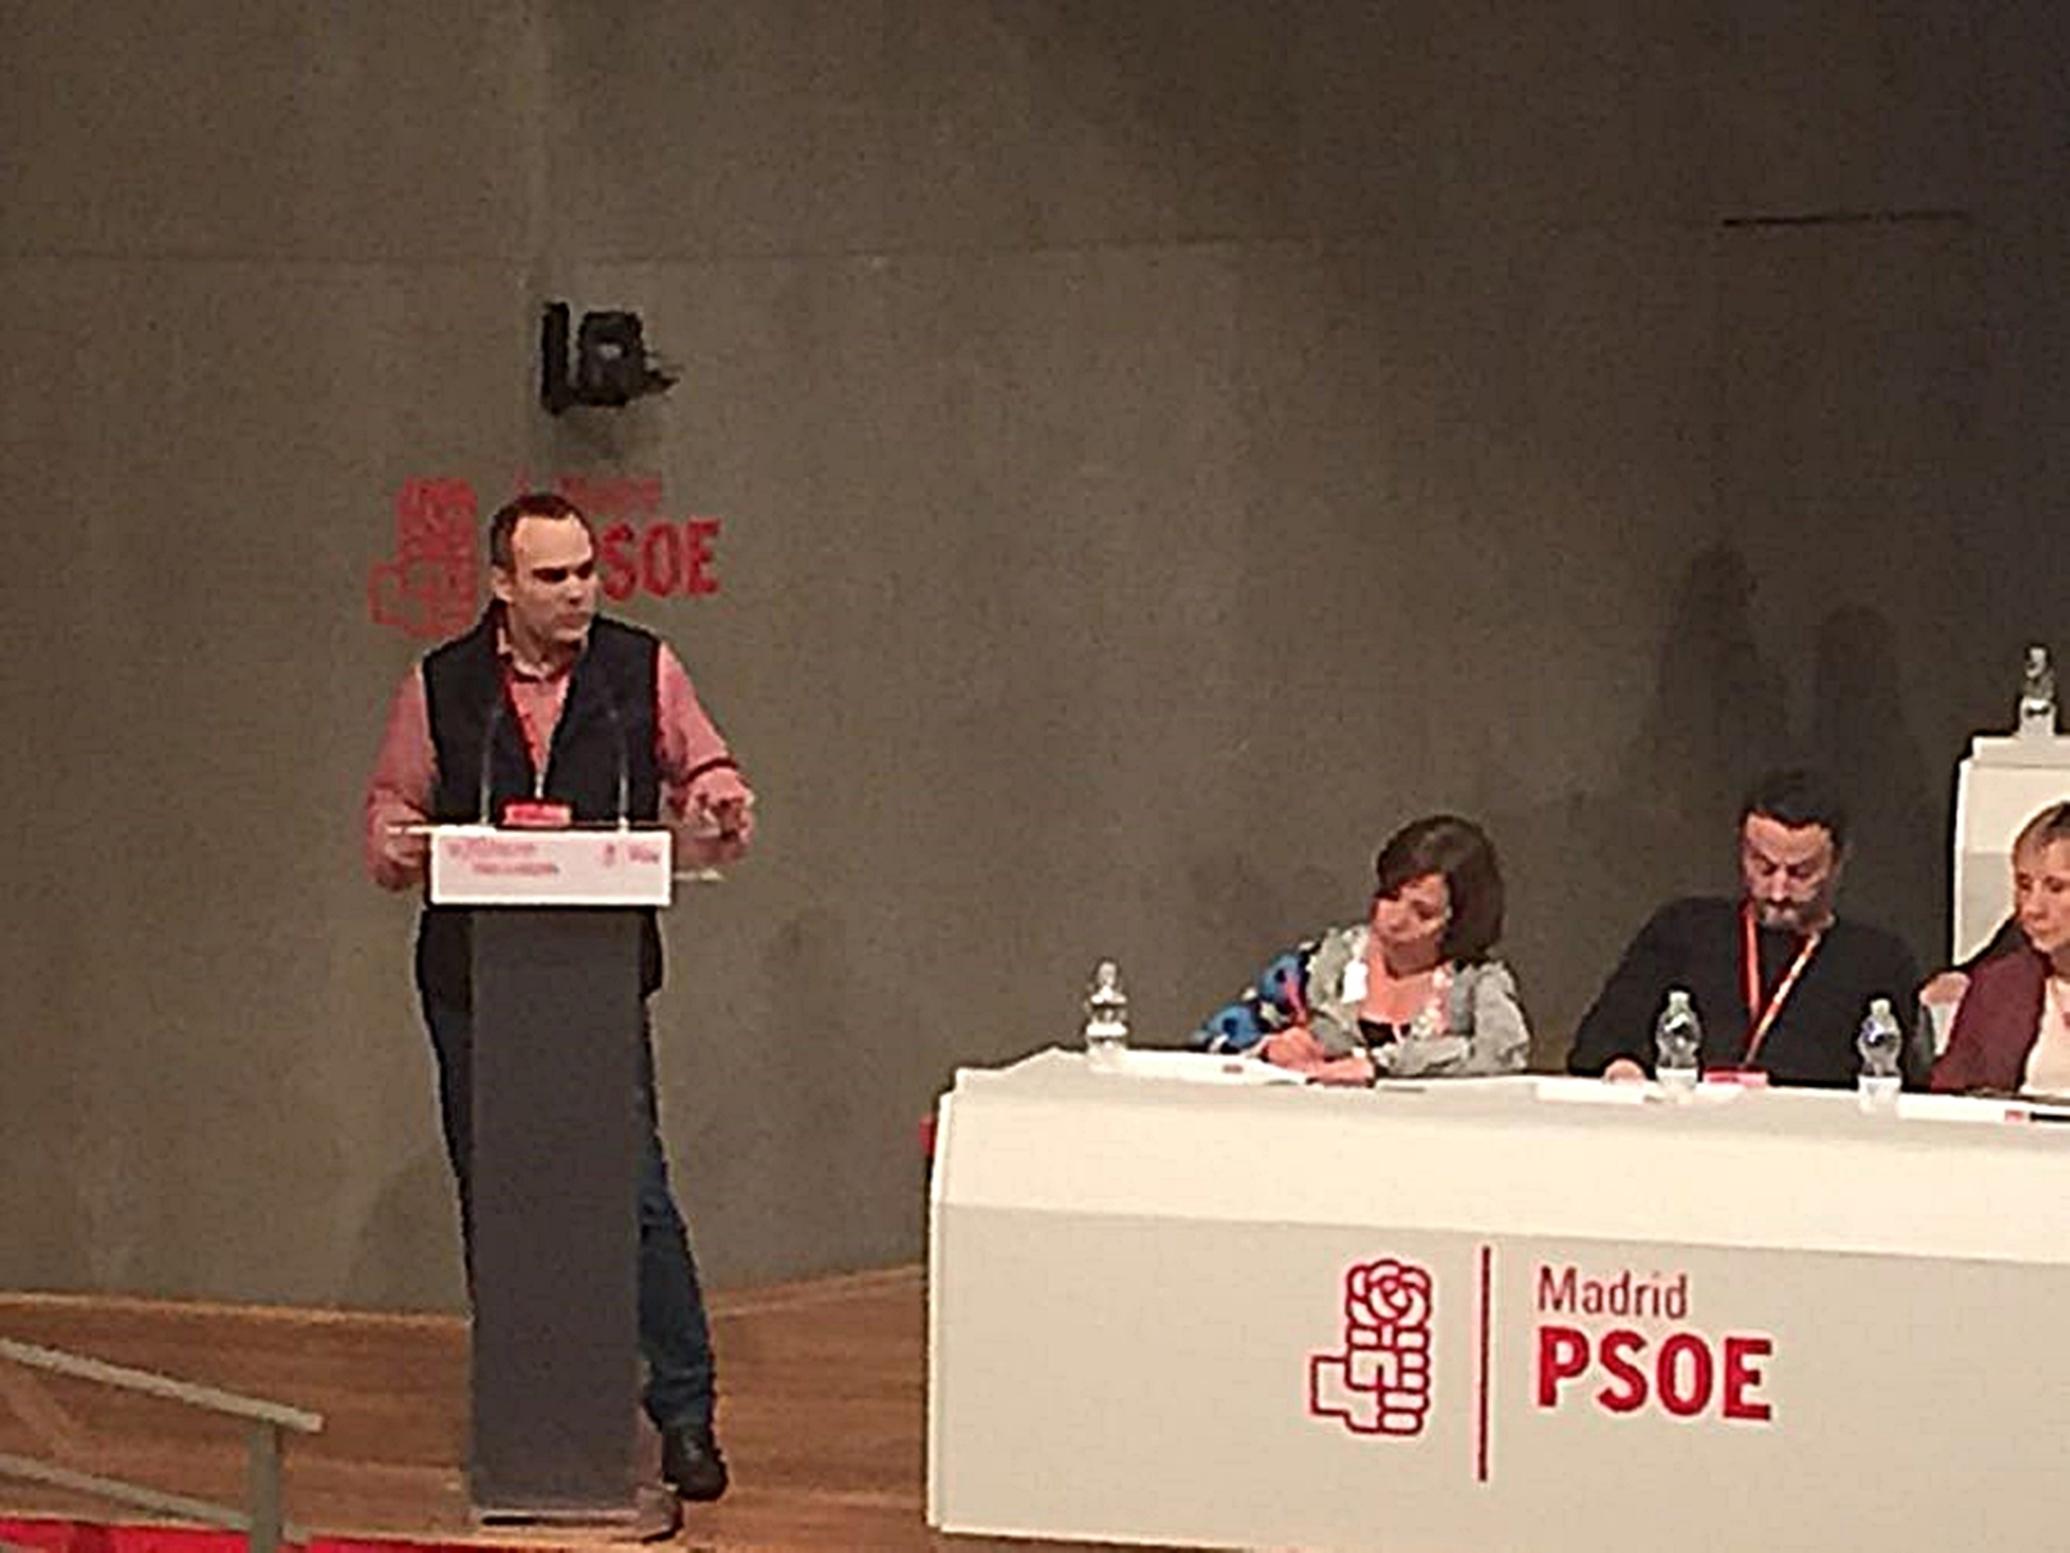 Julián Galán Fernández juliangalan.es